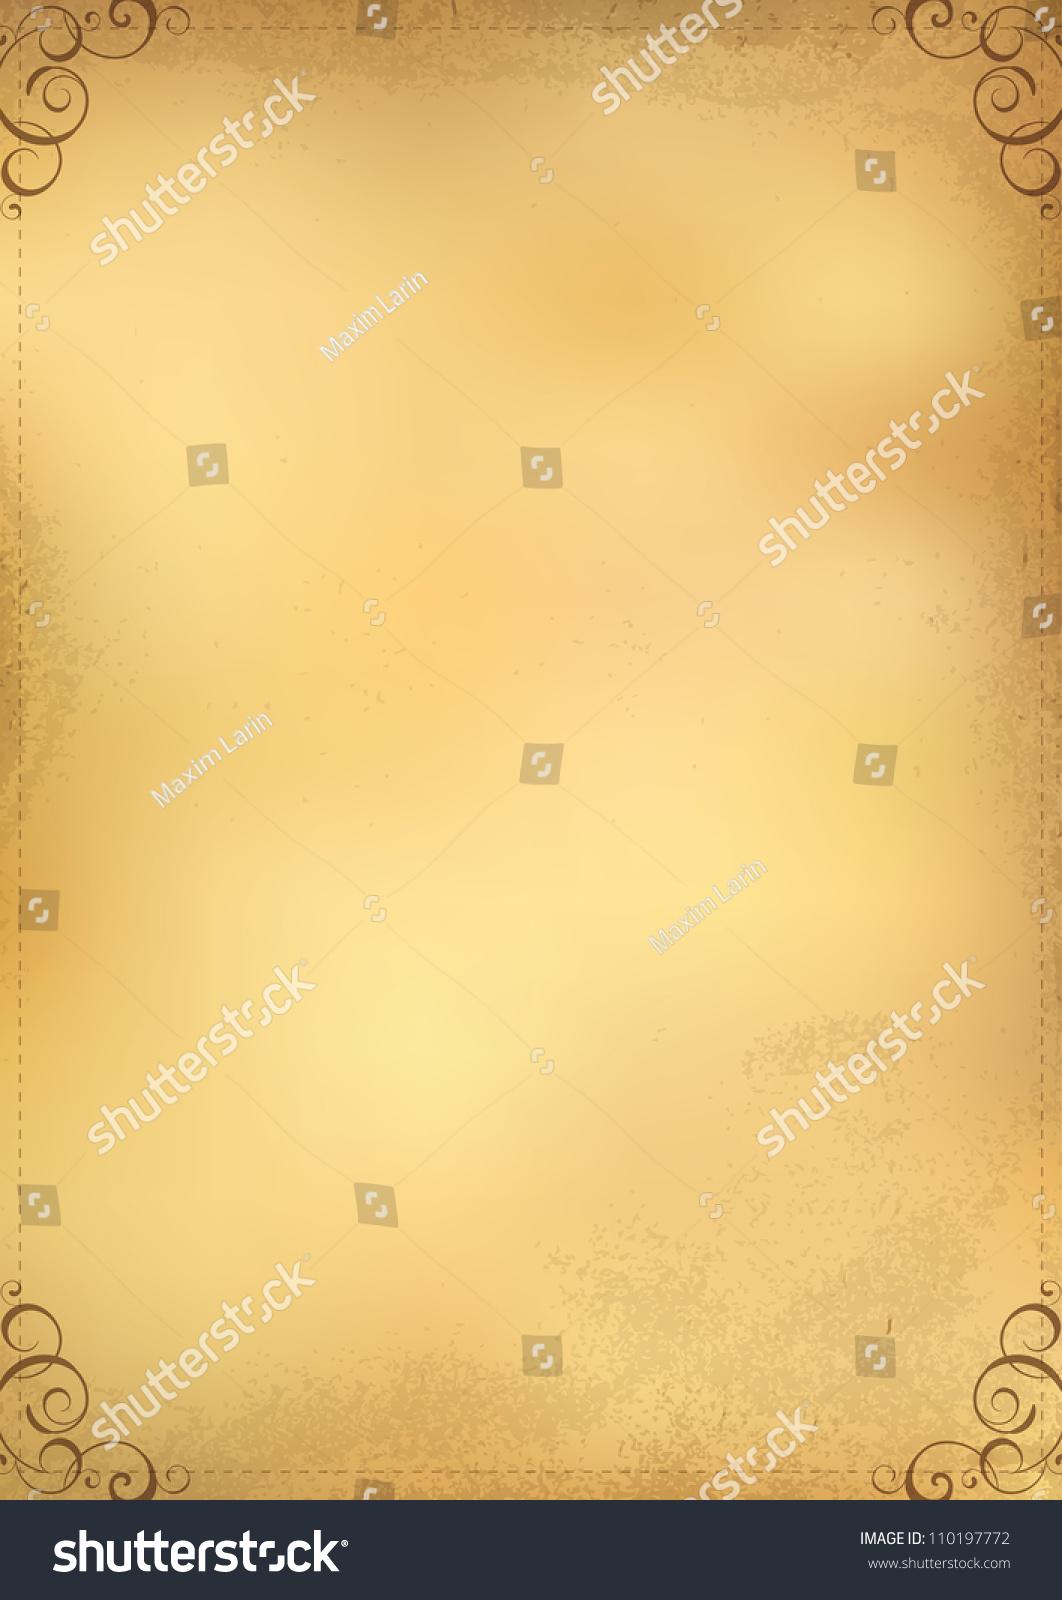 design menu background vintage paper stock vector